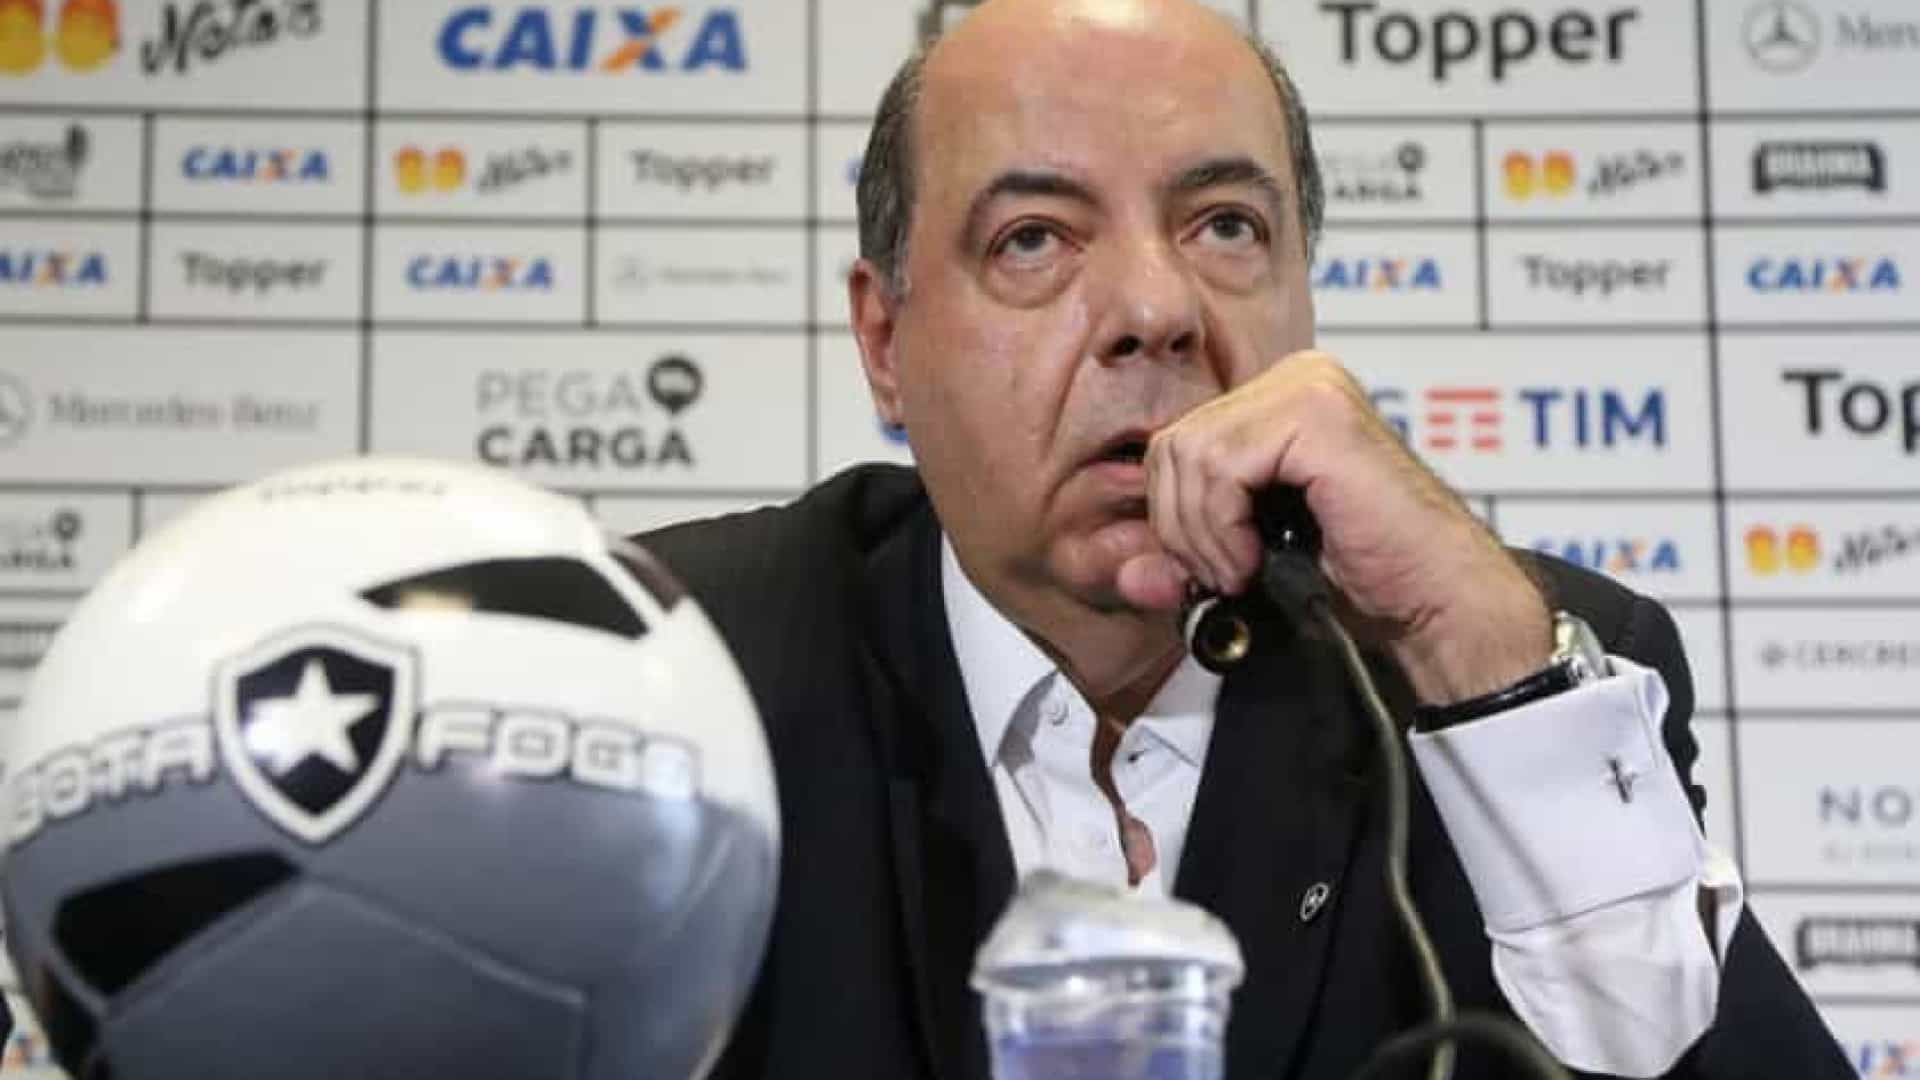 naom 5cee698826b09 - CBF não poderá homologar resultado de Botafogo x Palmeiras